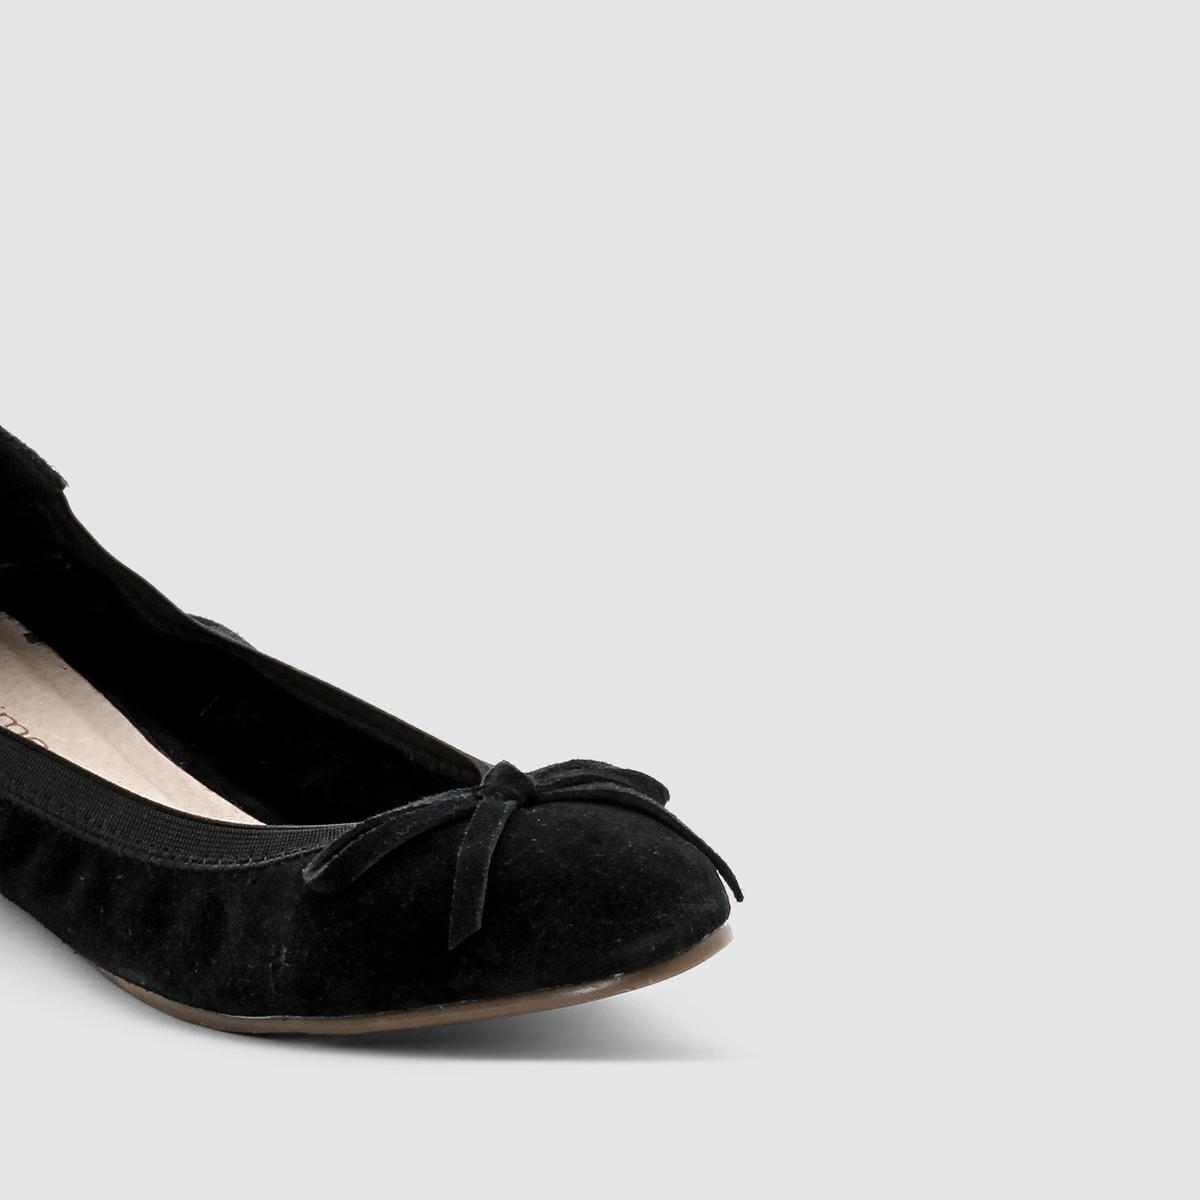 Балетки кожаныеБалетки, от 38 до 45 размера по одной цене! Модель подходит : для широкой ступни.Верх : невыделанная кожа (яловичная)Подкладка : без подкладкиСтелька : кожа на пористой основе. Подошва : нескользящий эластомер.Высота каблука : 0,5 см Преимущества : мягкие и комфортные балетки<br><br>Цвет: черный<br>Размер: 38.40.41